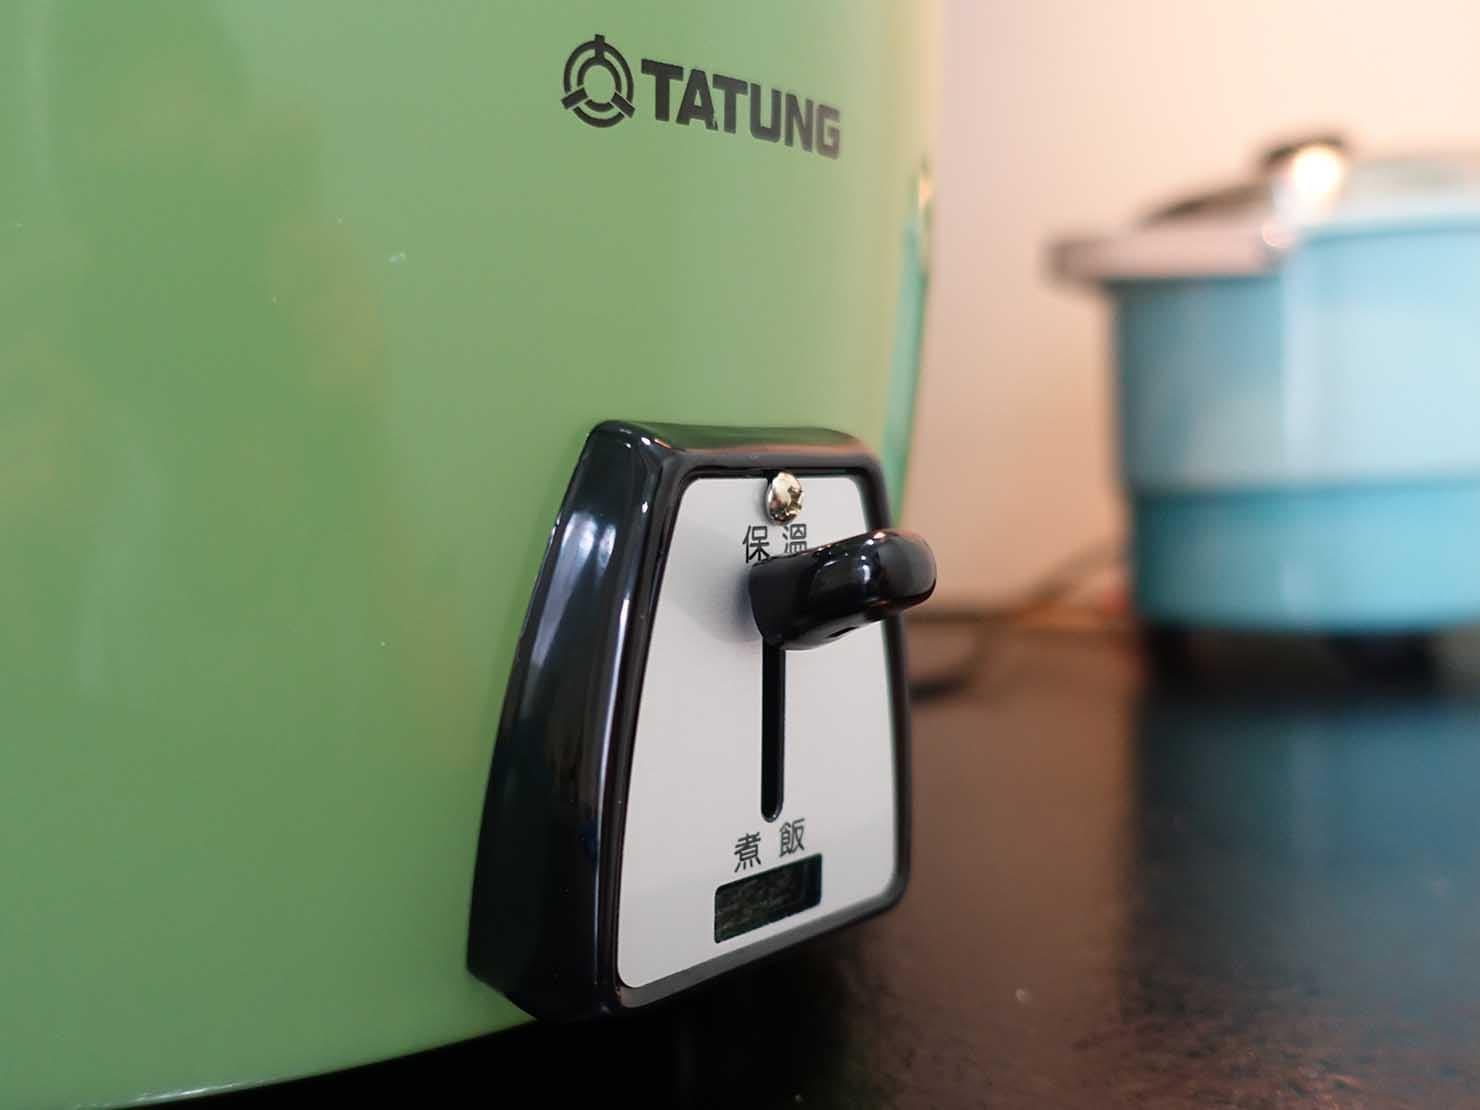 台湾家庭の必需品「大同電鍋(ダートン・ディエングオ)」のスイッチ